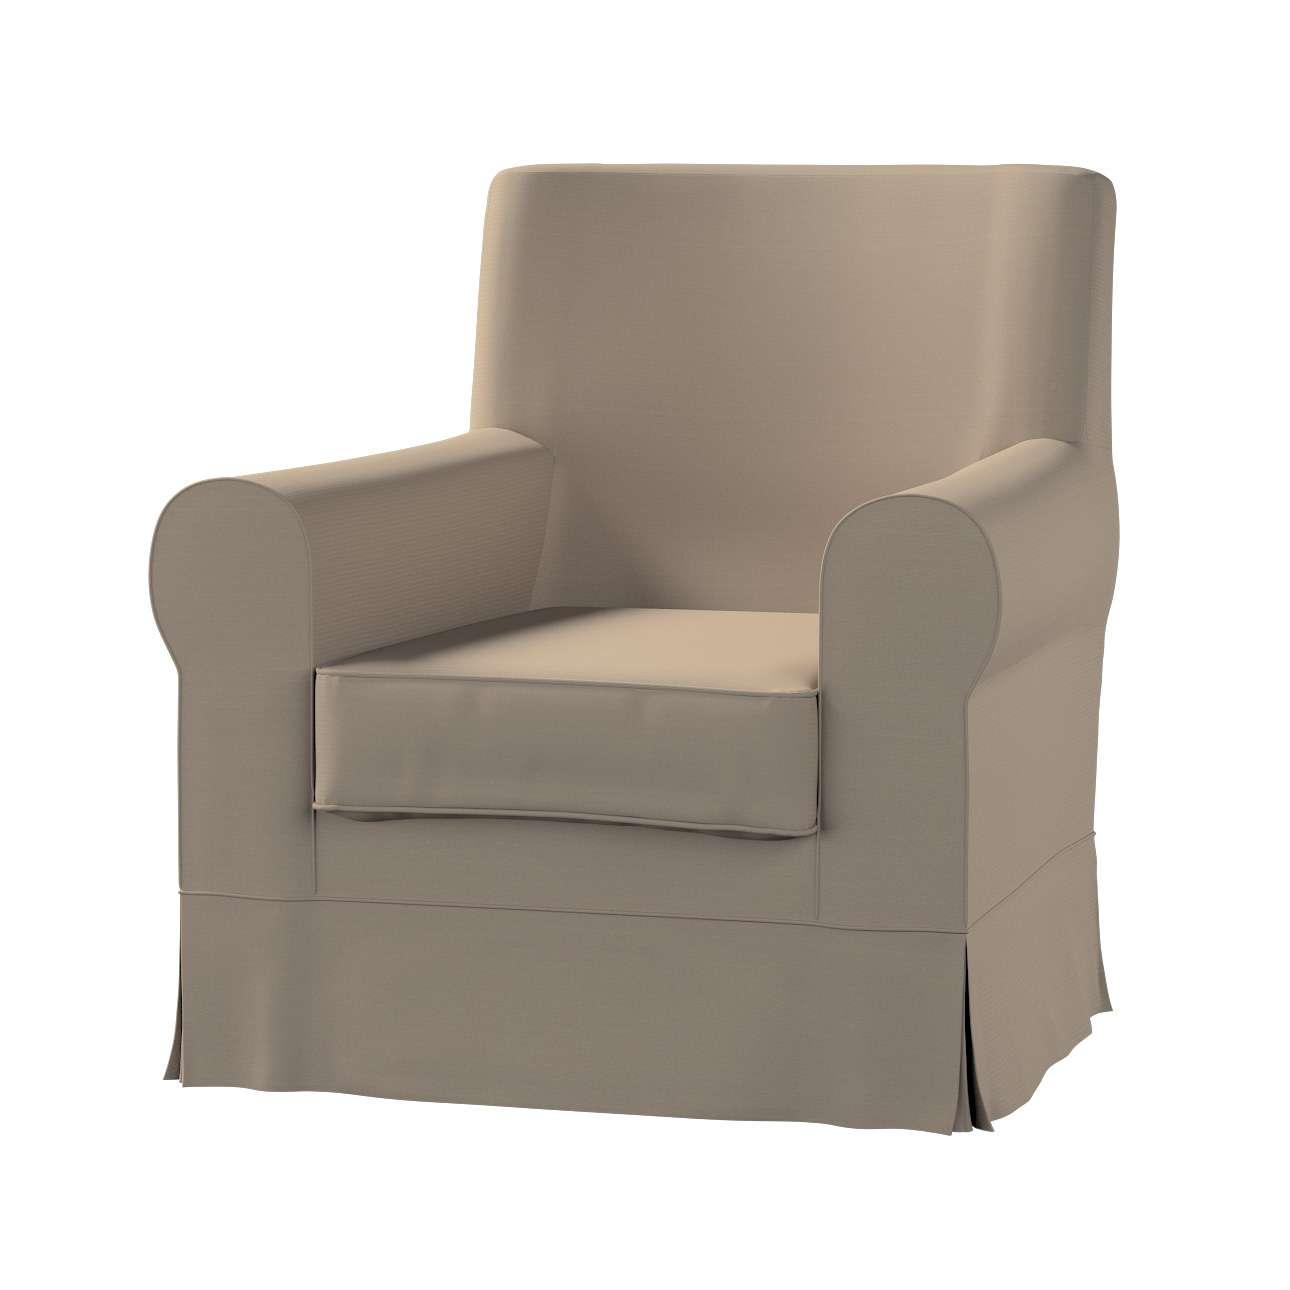 Ektorp Jennylund Sesselbezug Sesselhusse, Ektorp Jennylund von der Kollektion Cotton Panama, Stoff: 702-28